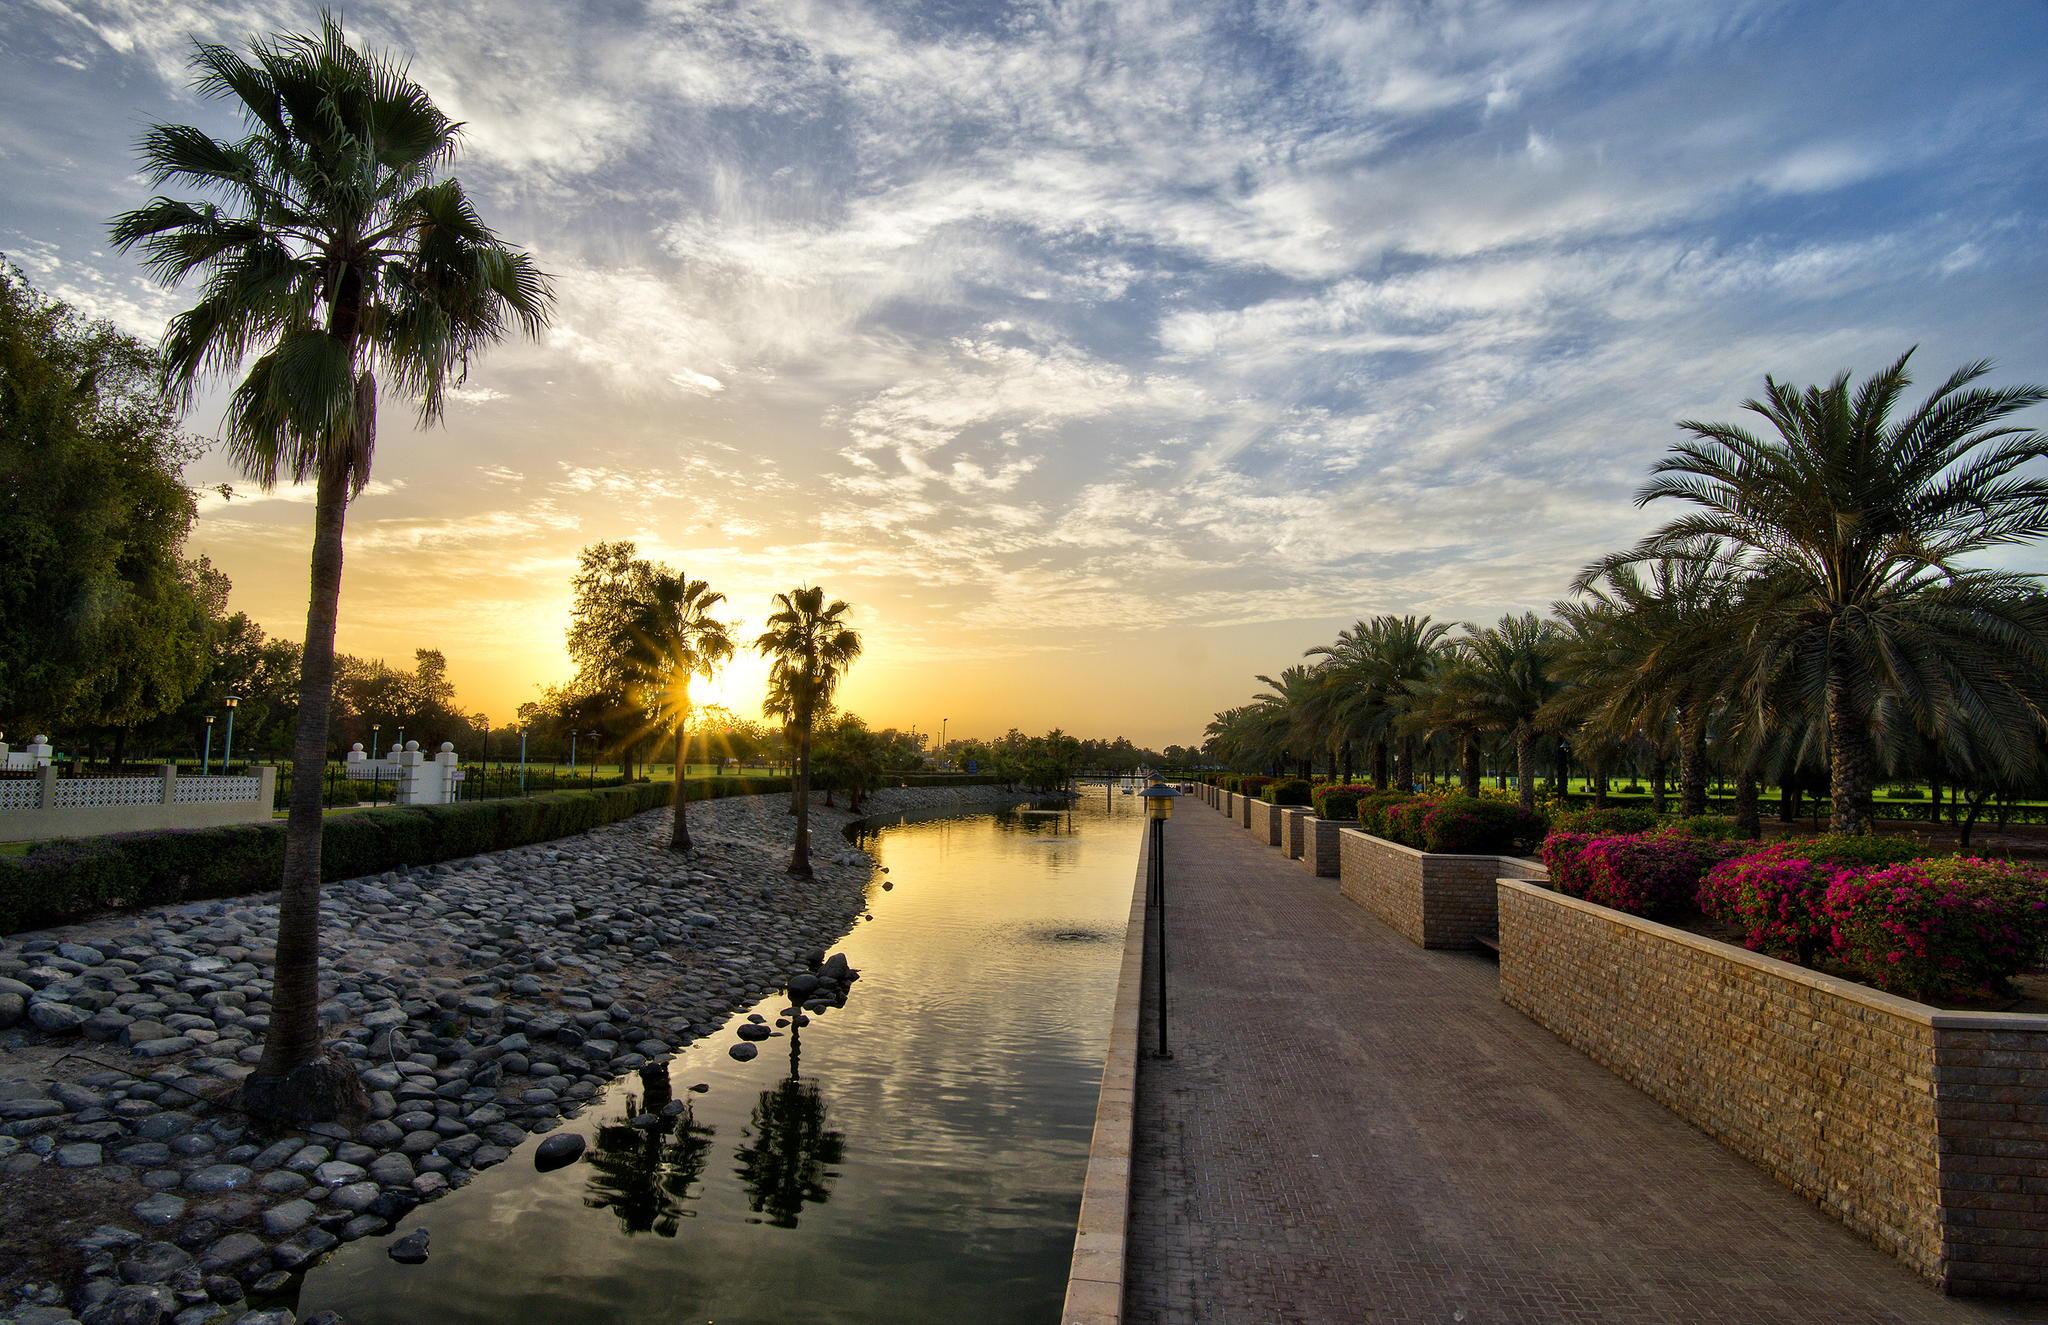 Фото Safa парка в Дубае